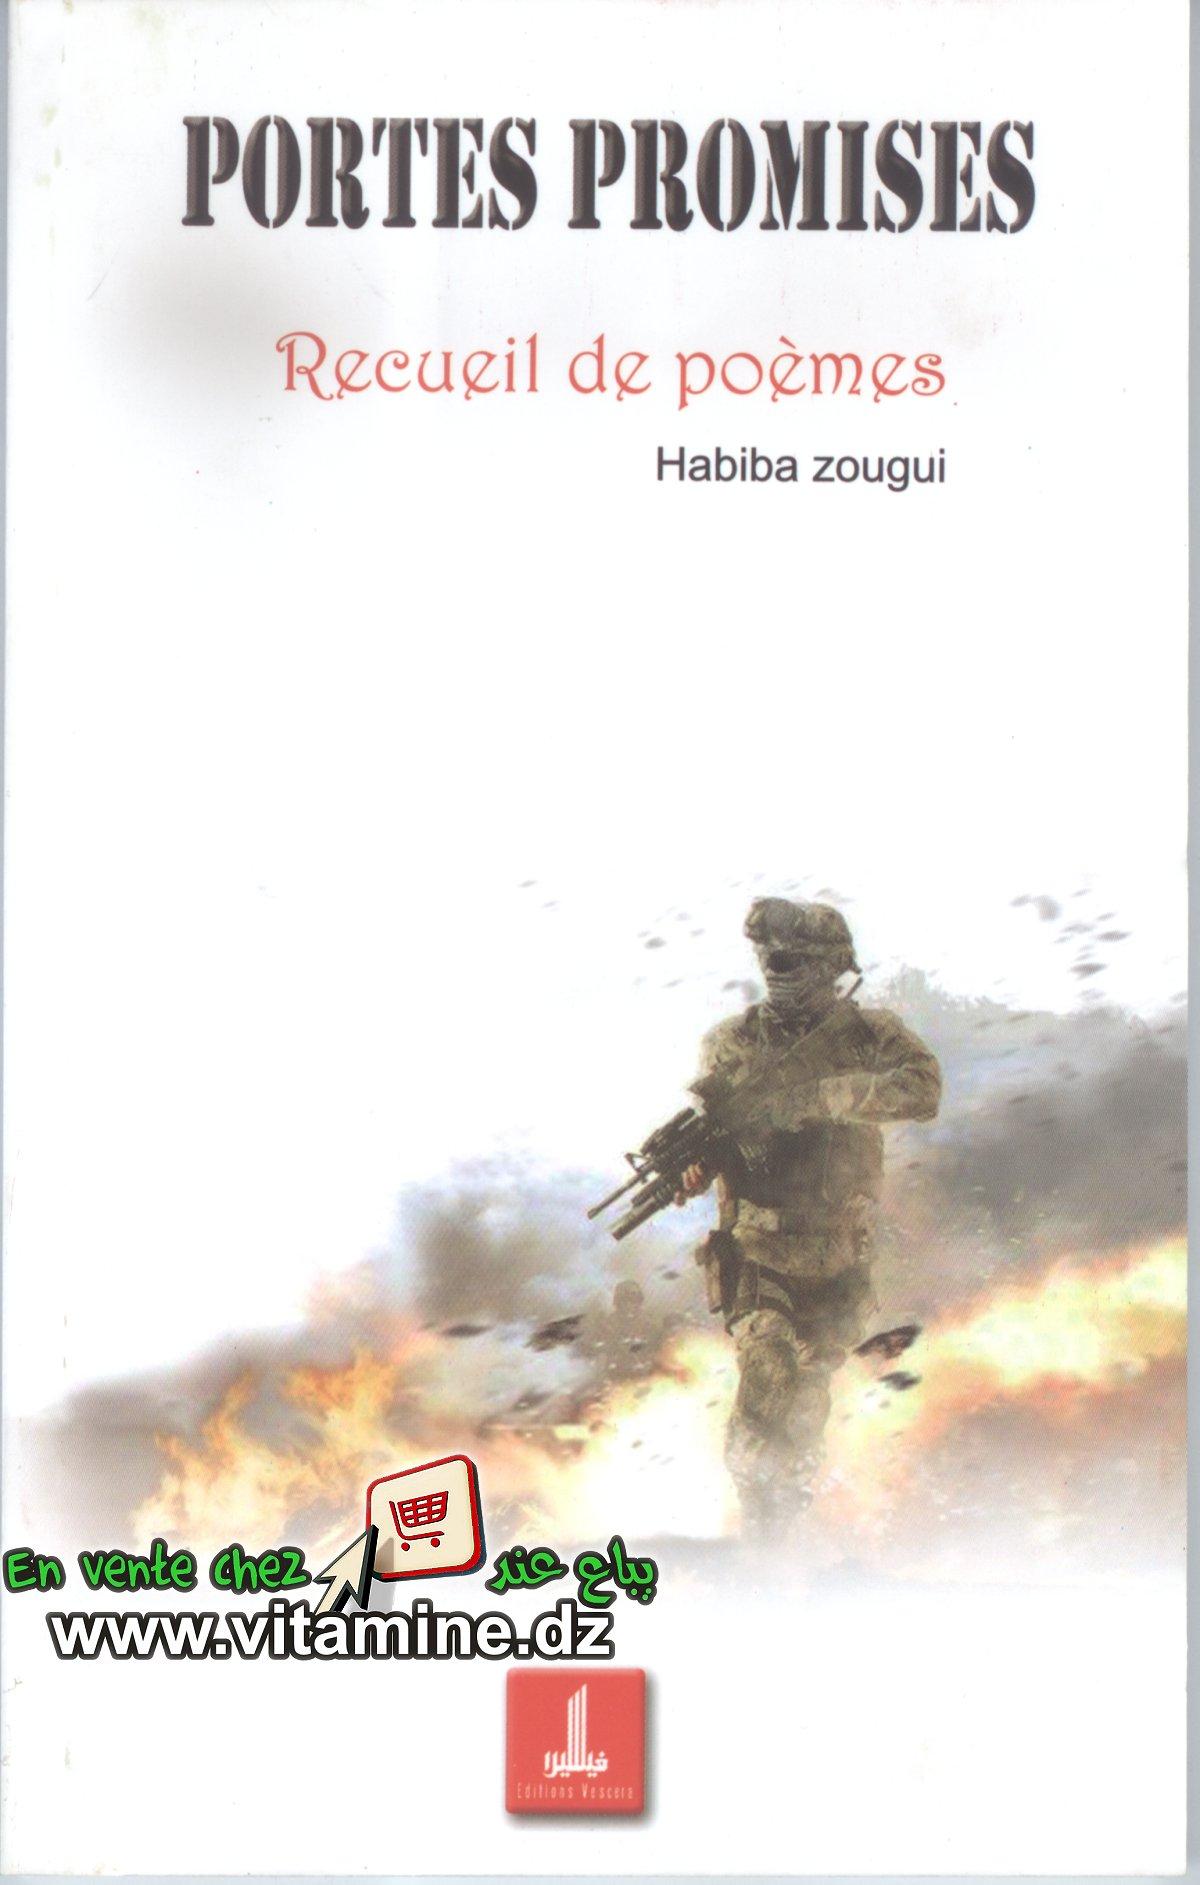 Habiba Zougui - recueil de poèmes: porte promises